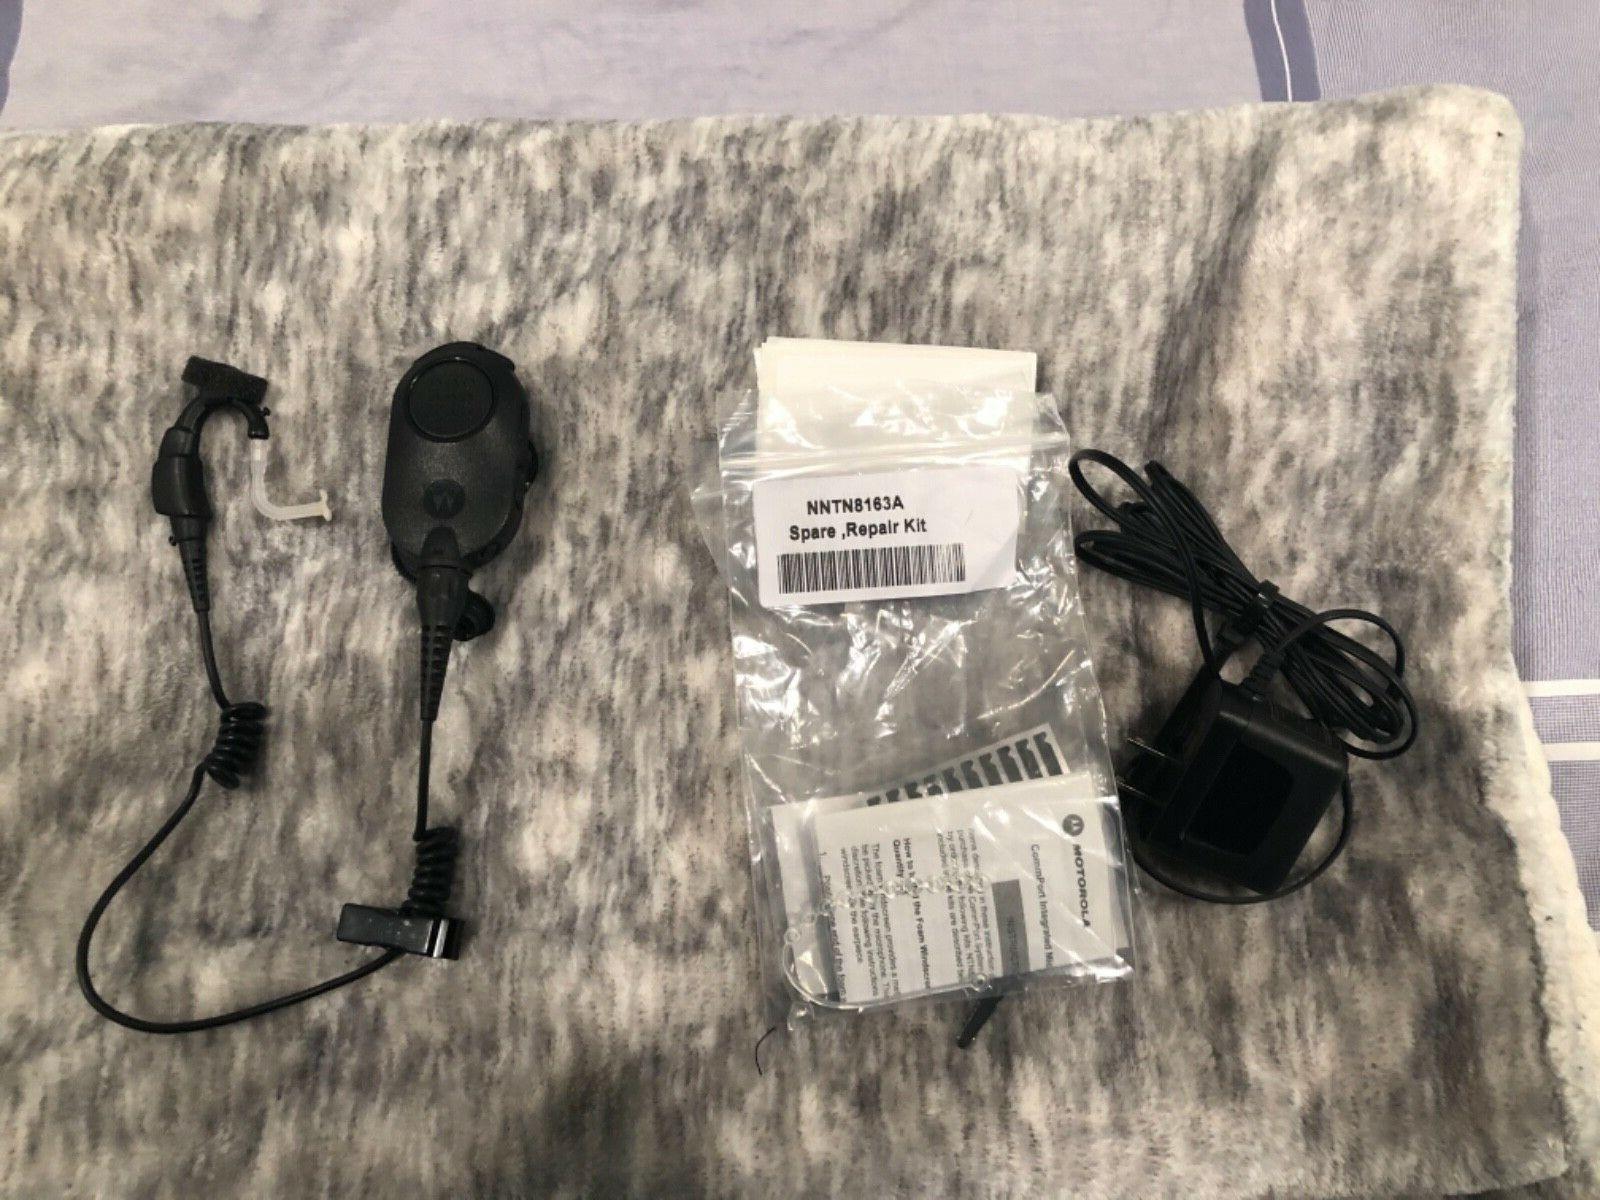 Motorola NNTN8125 Operations Critical Wireless Earpiece w/ 12